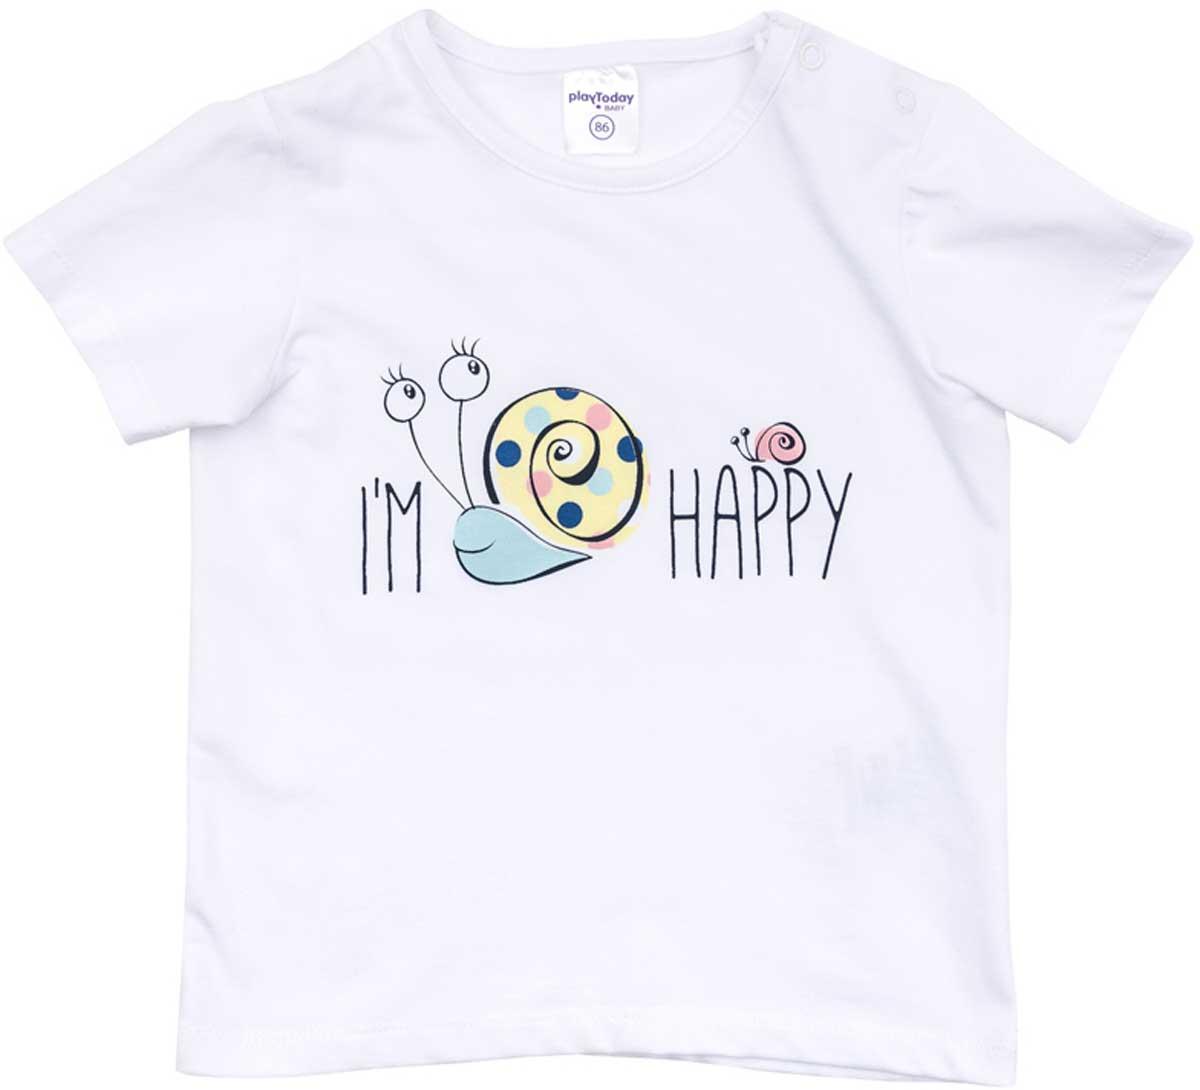 Футболка для девочки PlayToday, цвет: белый. 178074. Размер 74178074Футболка для девочки PlayToday выполнена из хлопка и эластана. Модель с круглым вырезом горловины и короткими рукавами оформлена оригинальным принтом.